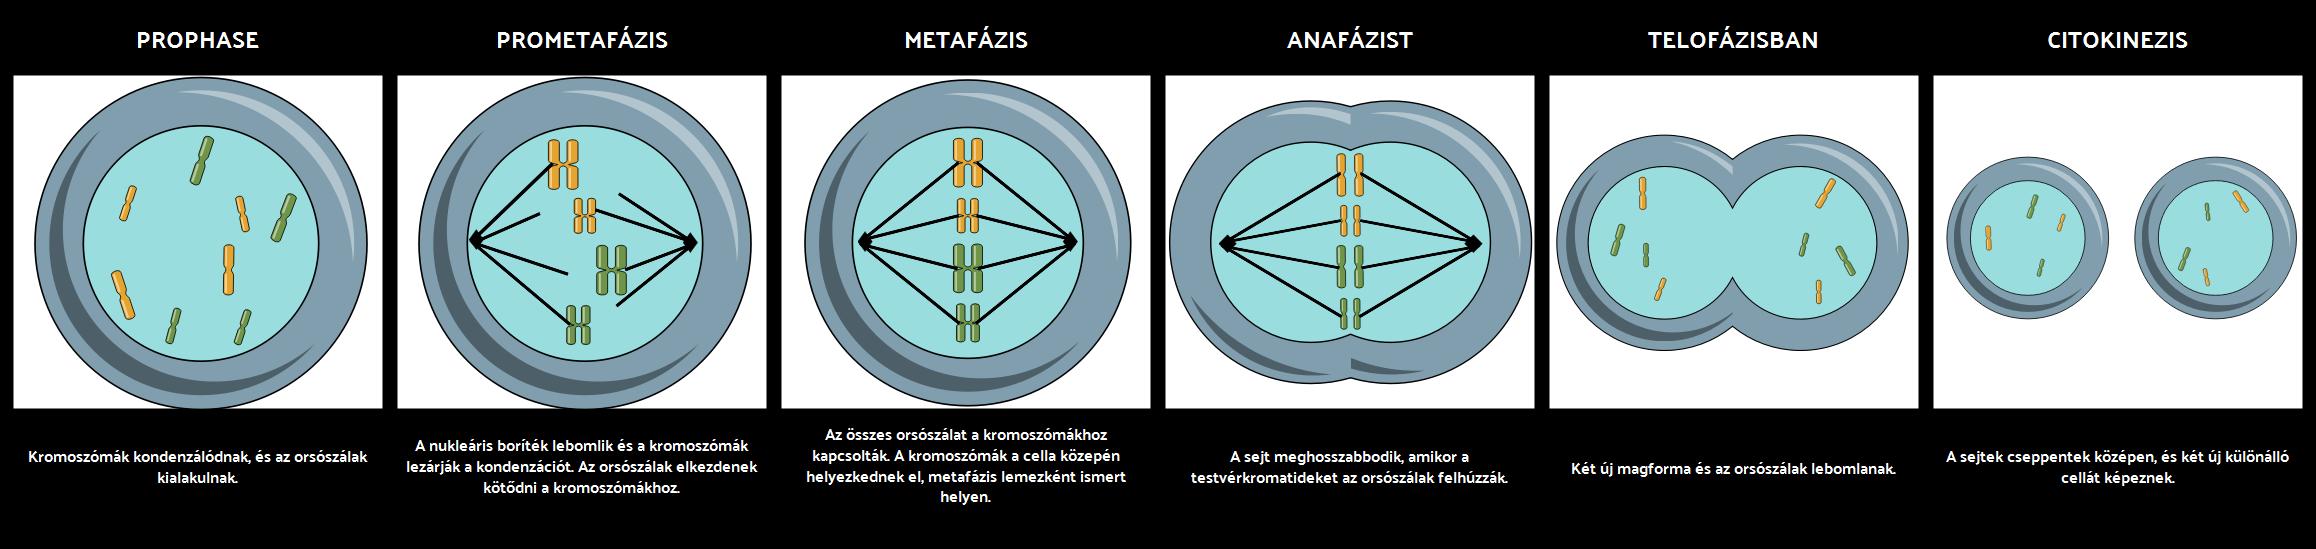 Mitózis